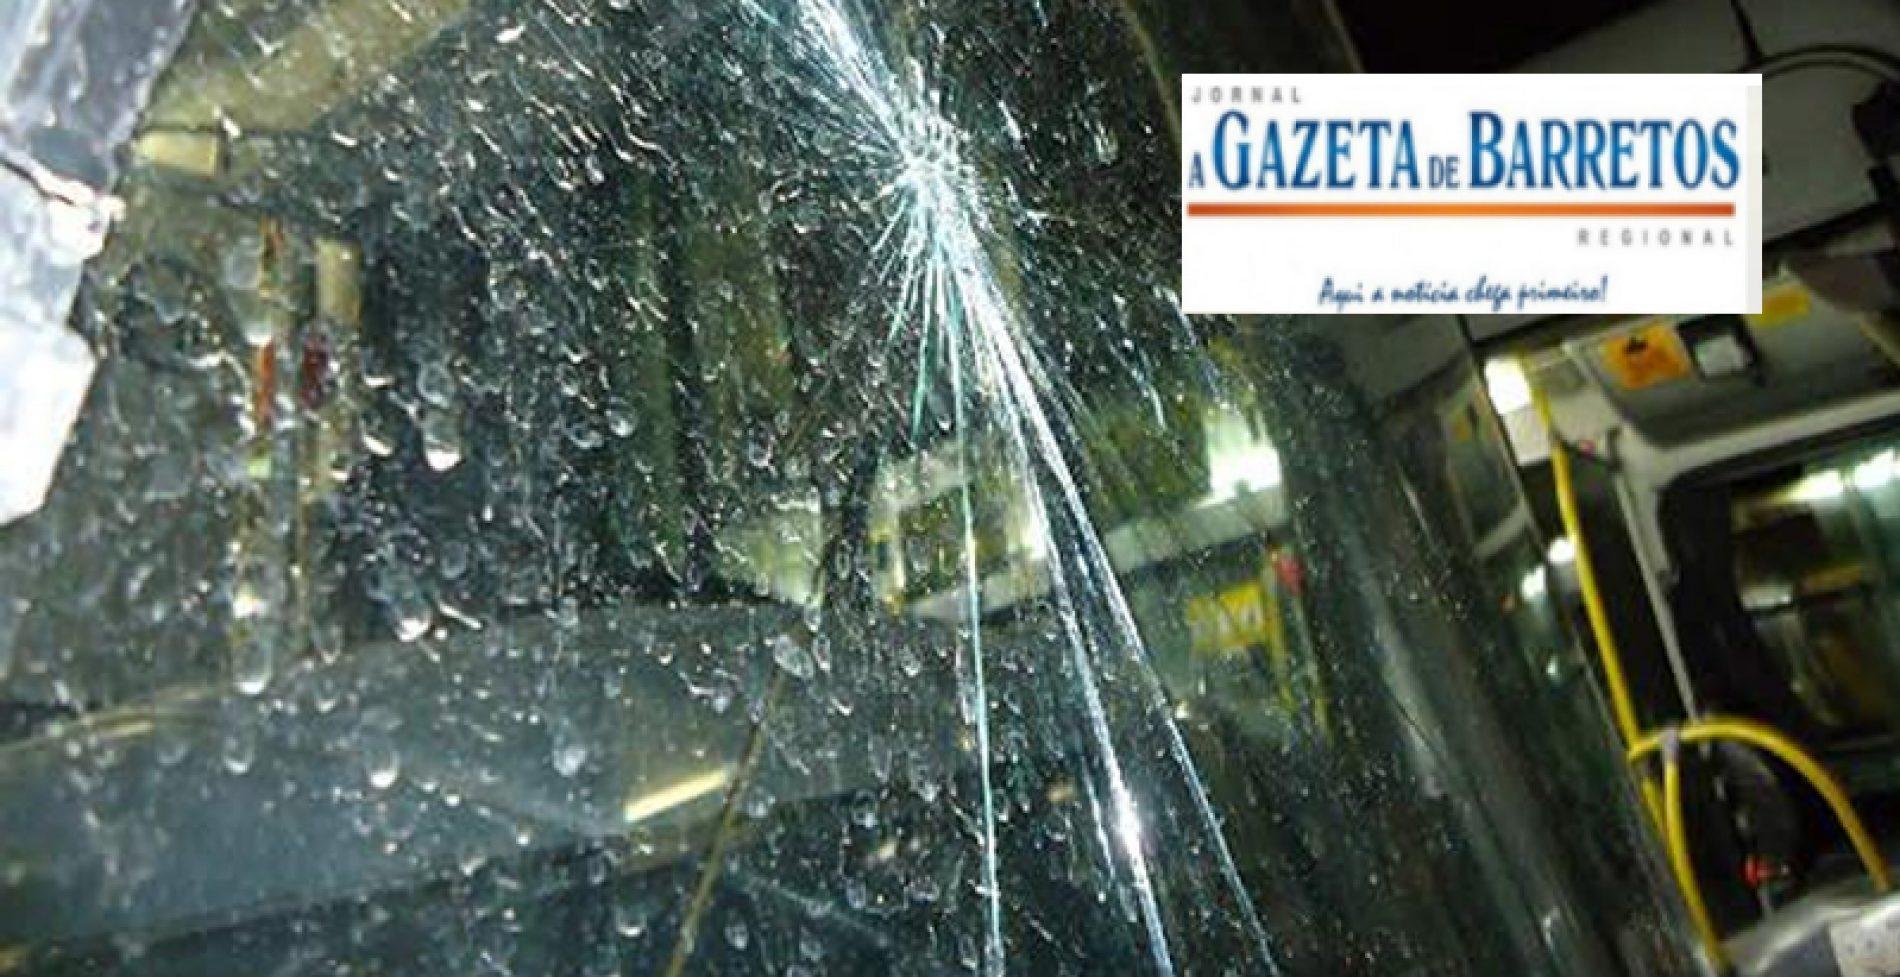 Motorista de ônibus afirma que estudantes de medicina depredaram seu veículo